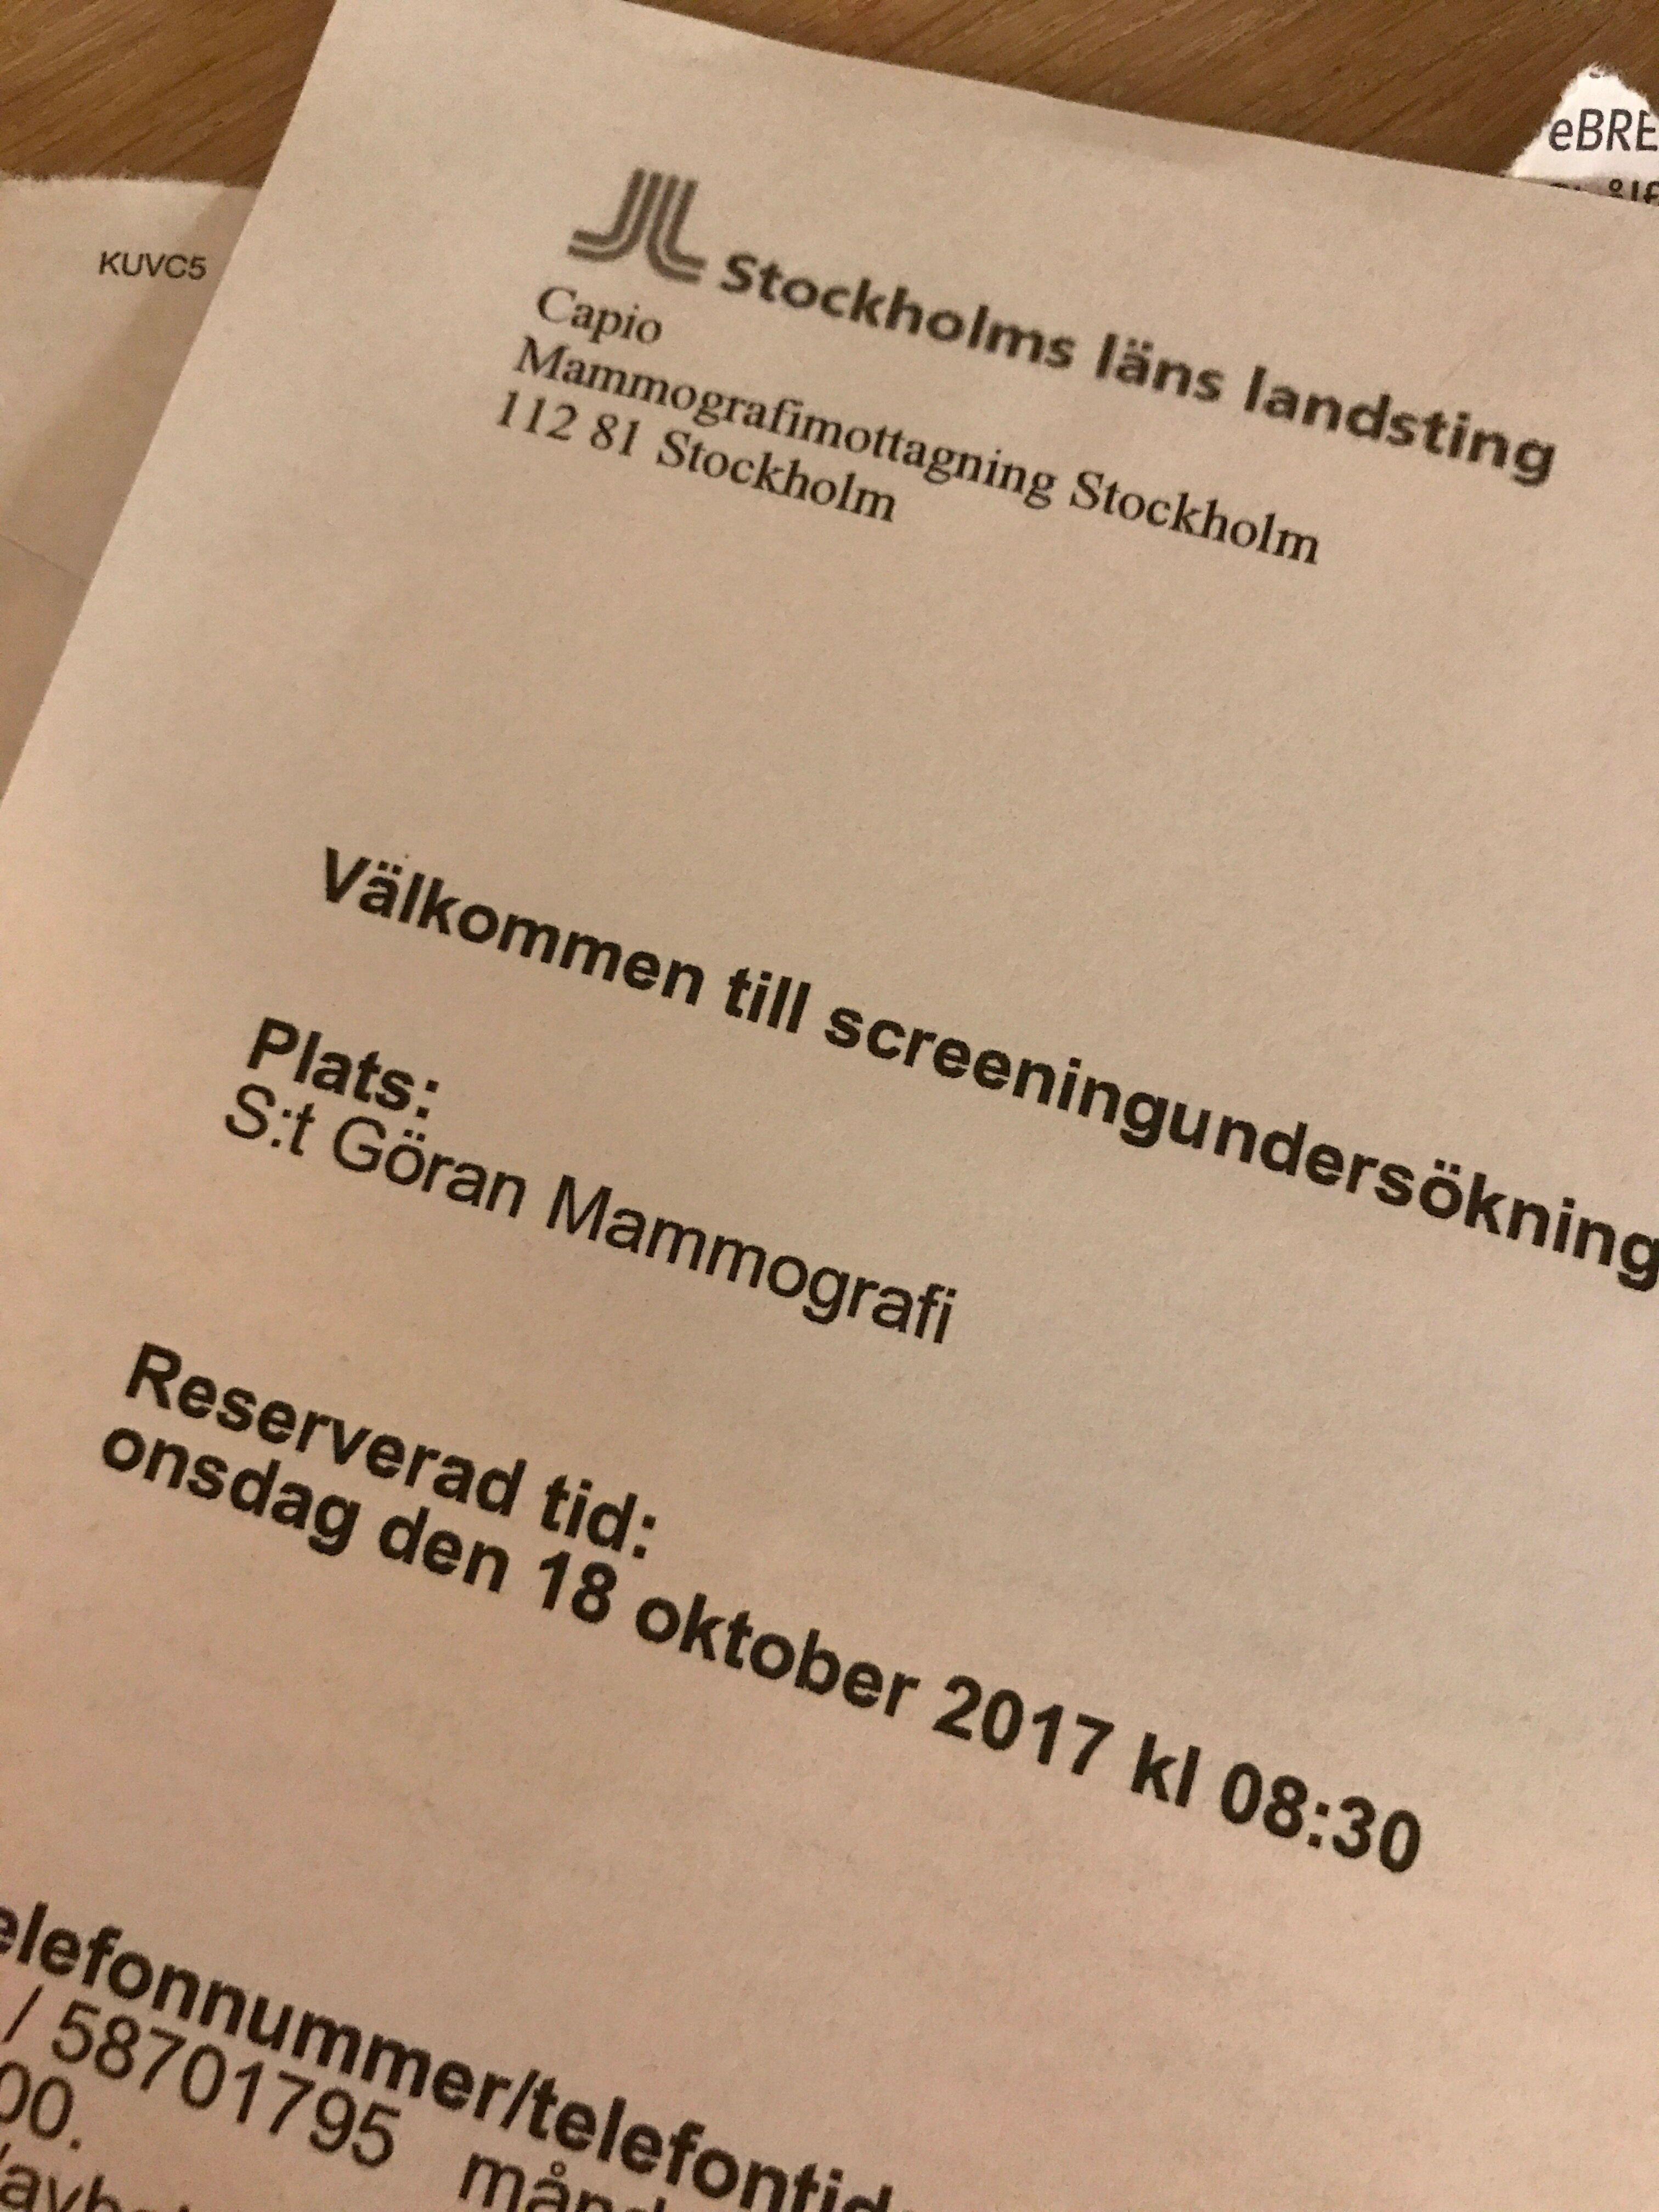 Kallelse till mammografi